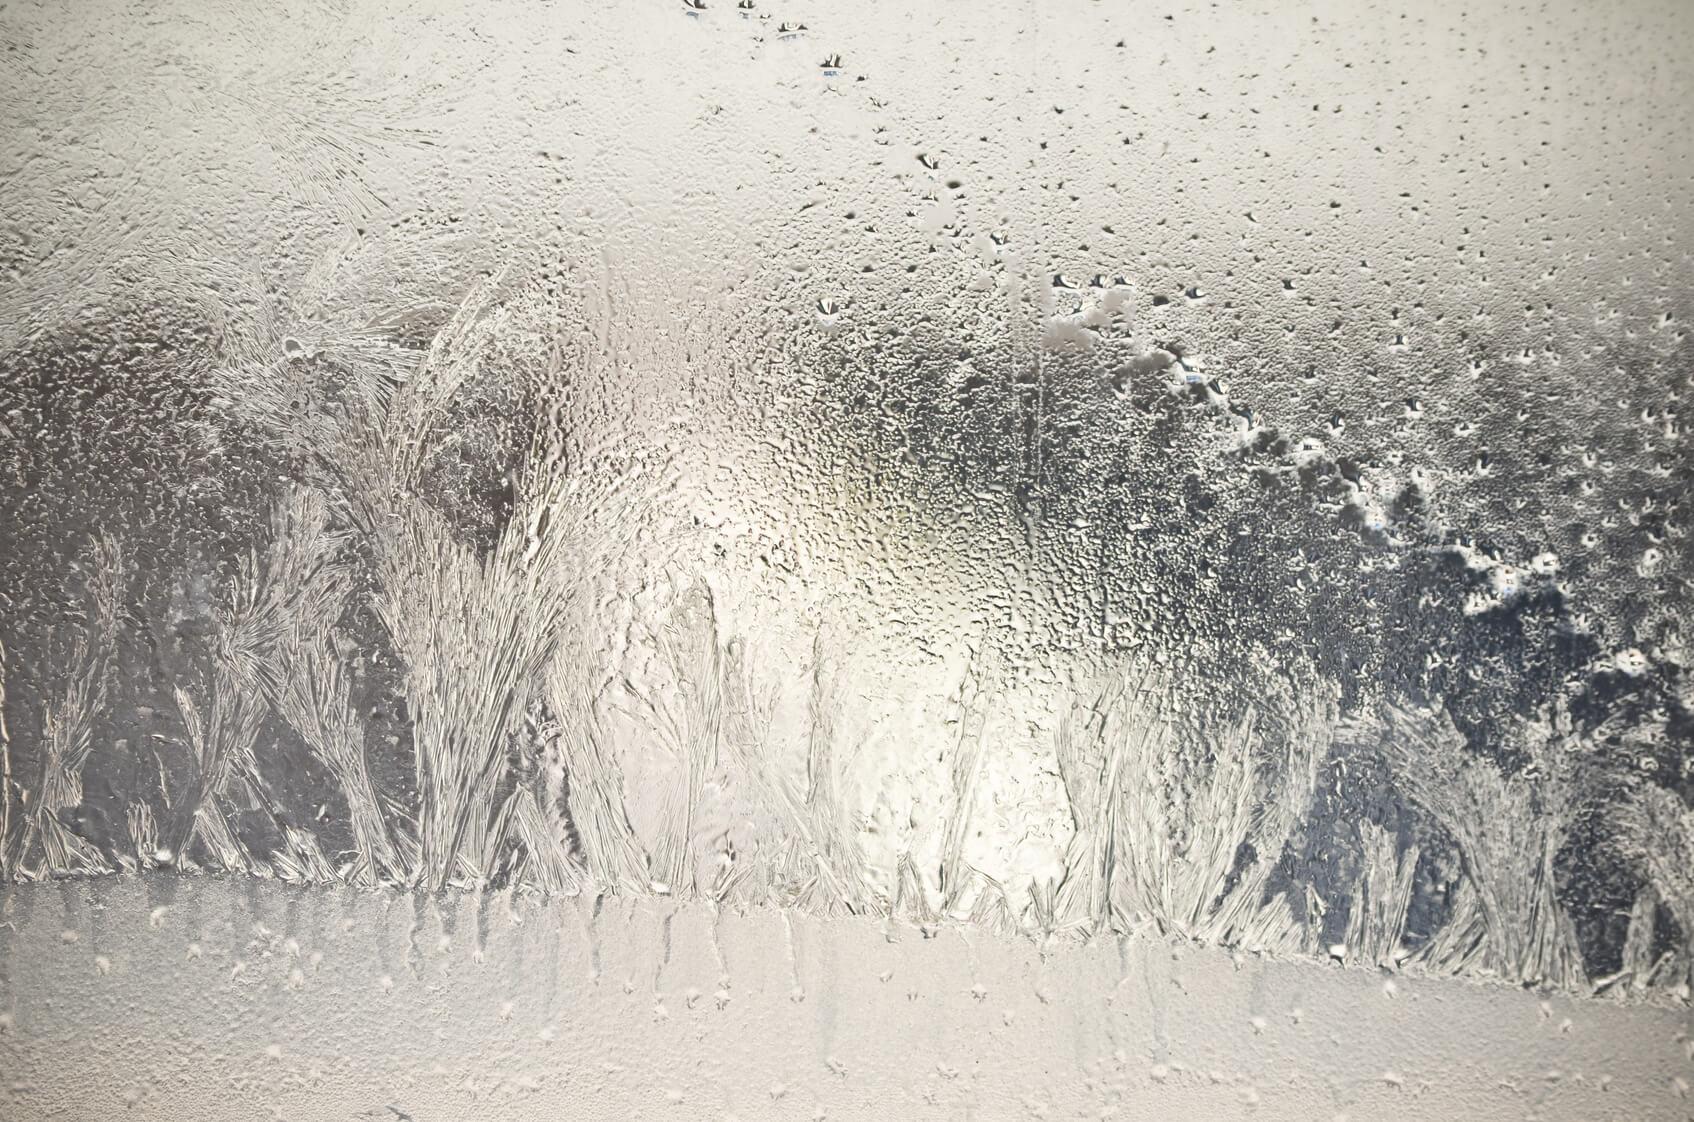 Blick durch eine verschmierte, halb zugefrorene Autoscheibe nach draußen.